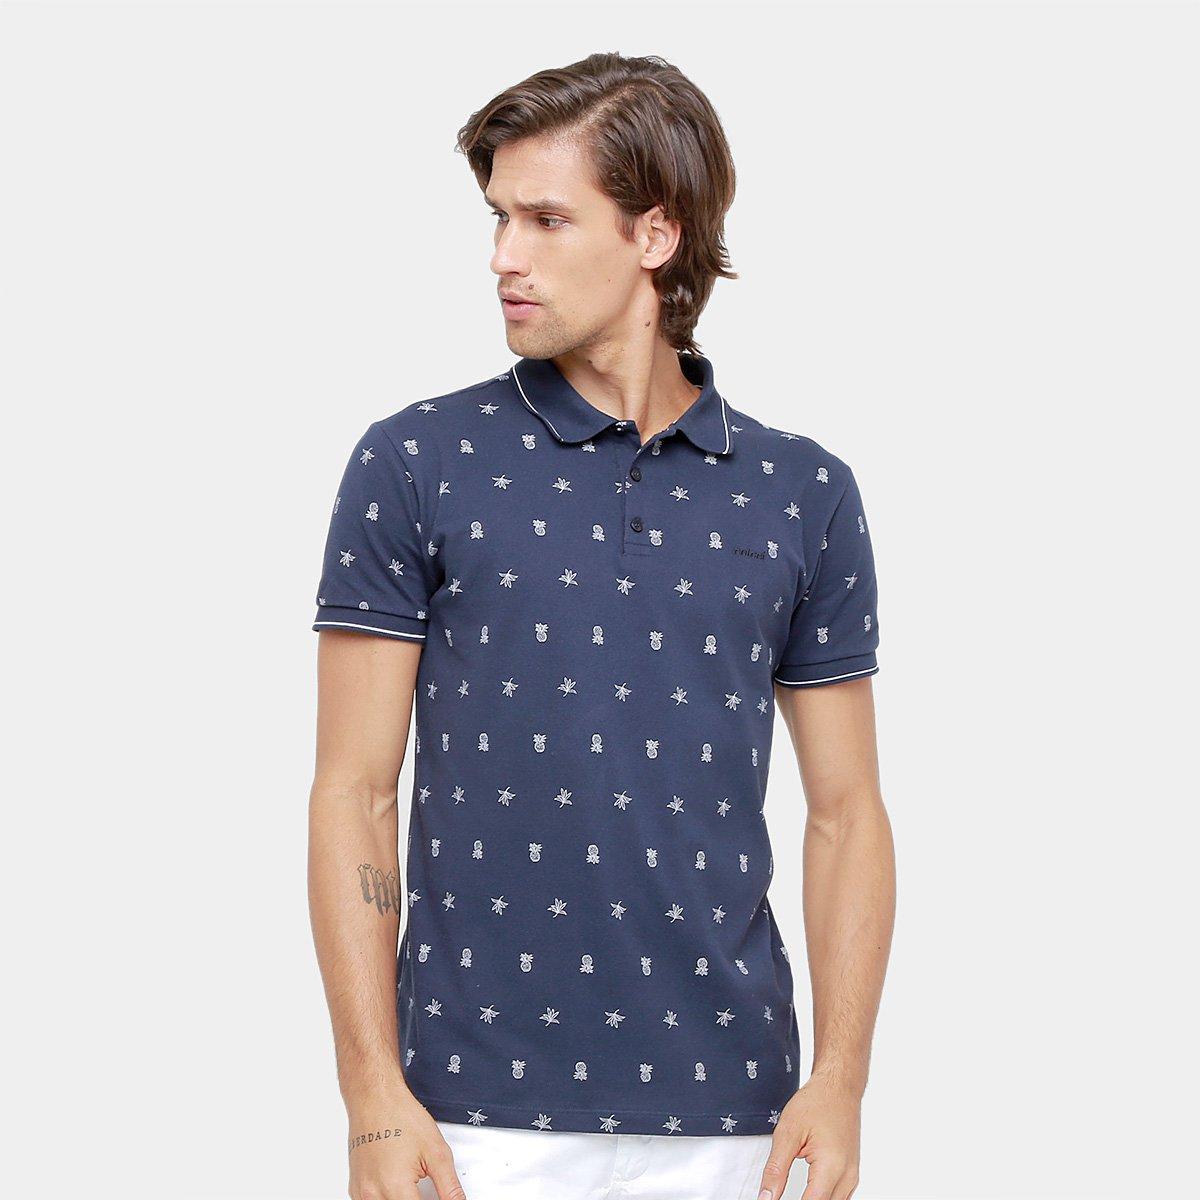 Camisa Polo Colcci Piquet Mini Print Abacaxi Masculina - Compre ... d4eed893d0d